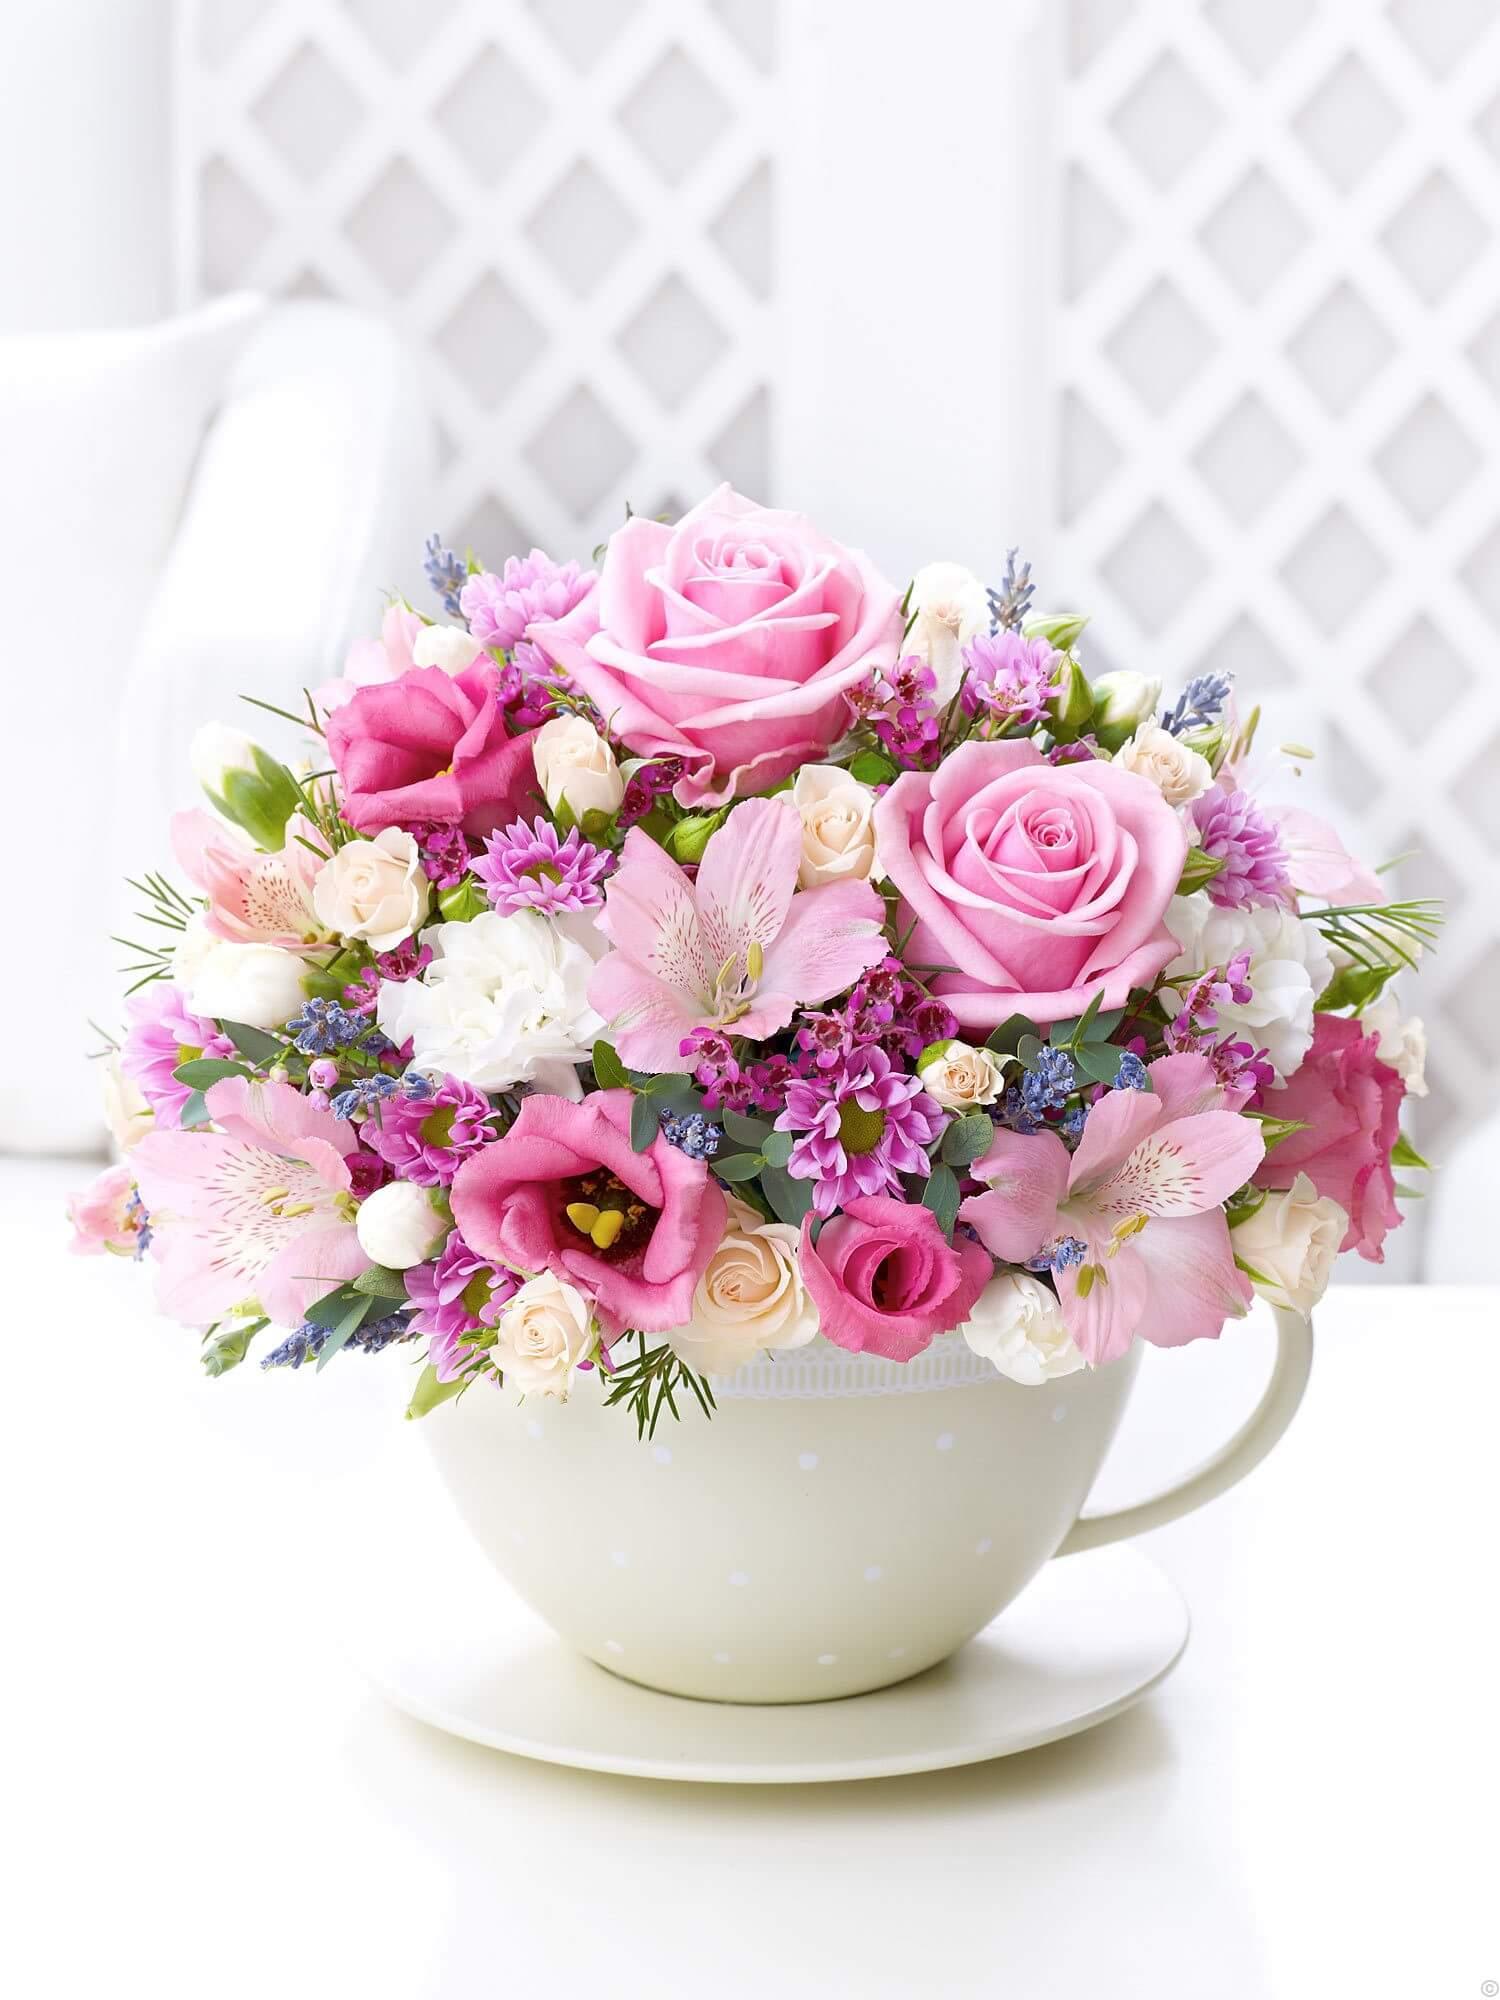 Фото цветы вазе с днем рождением девушку